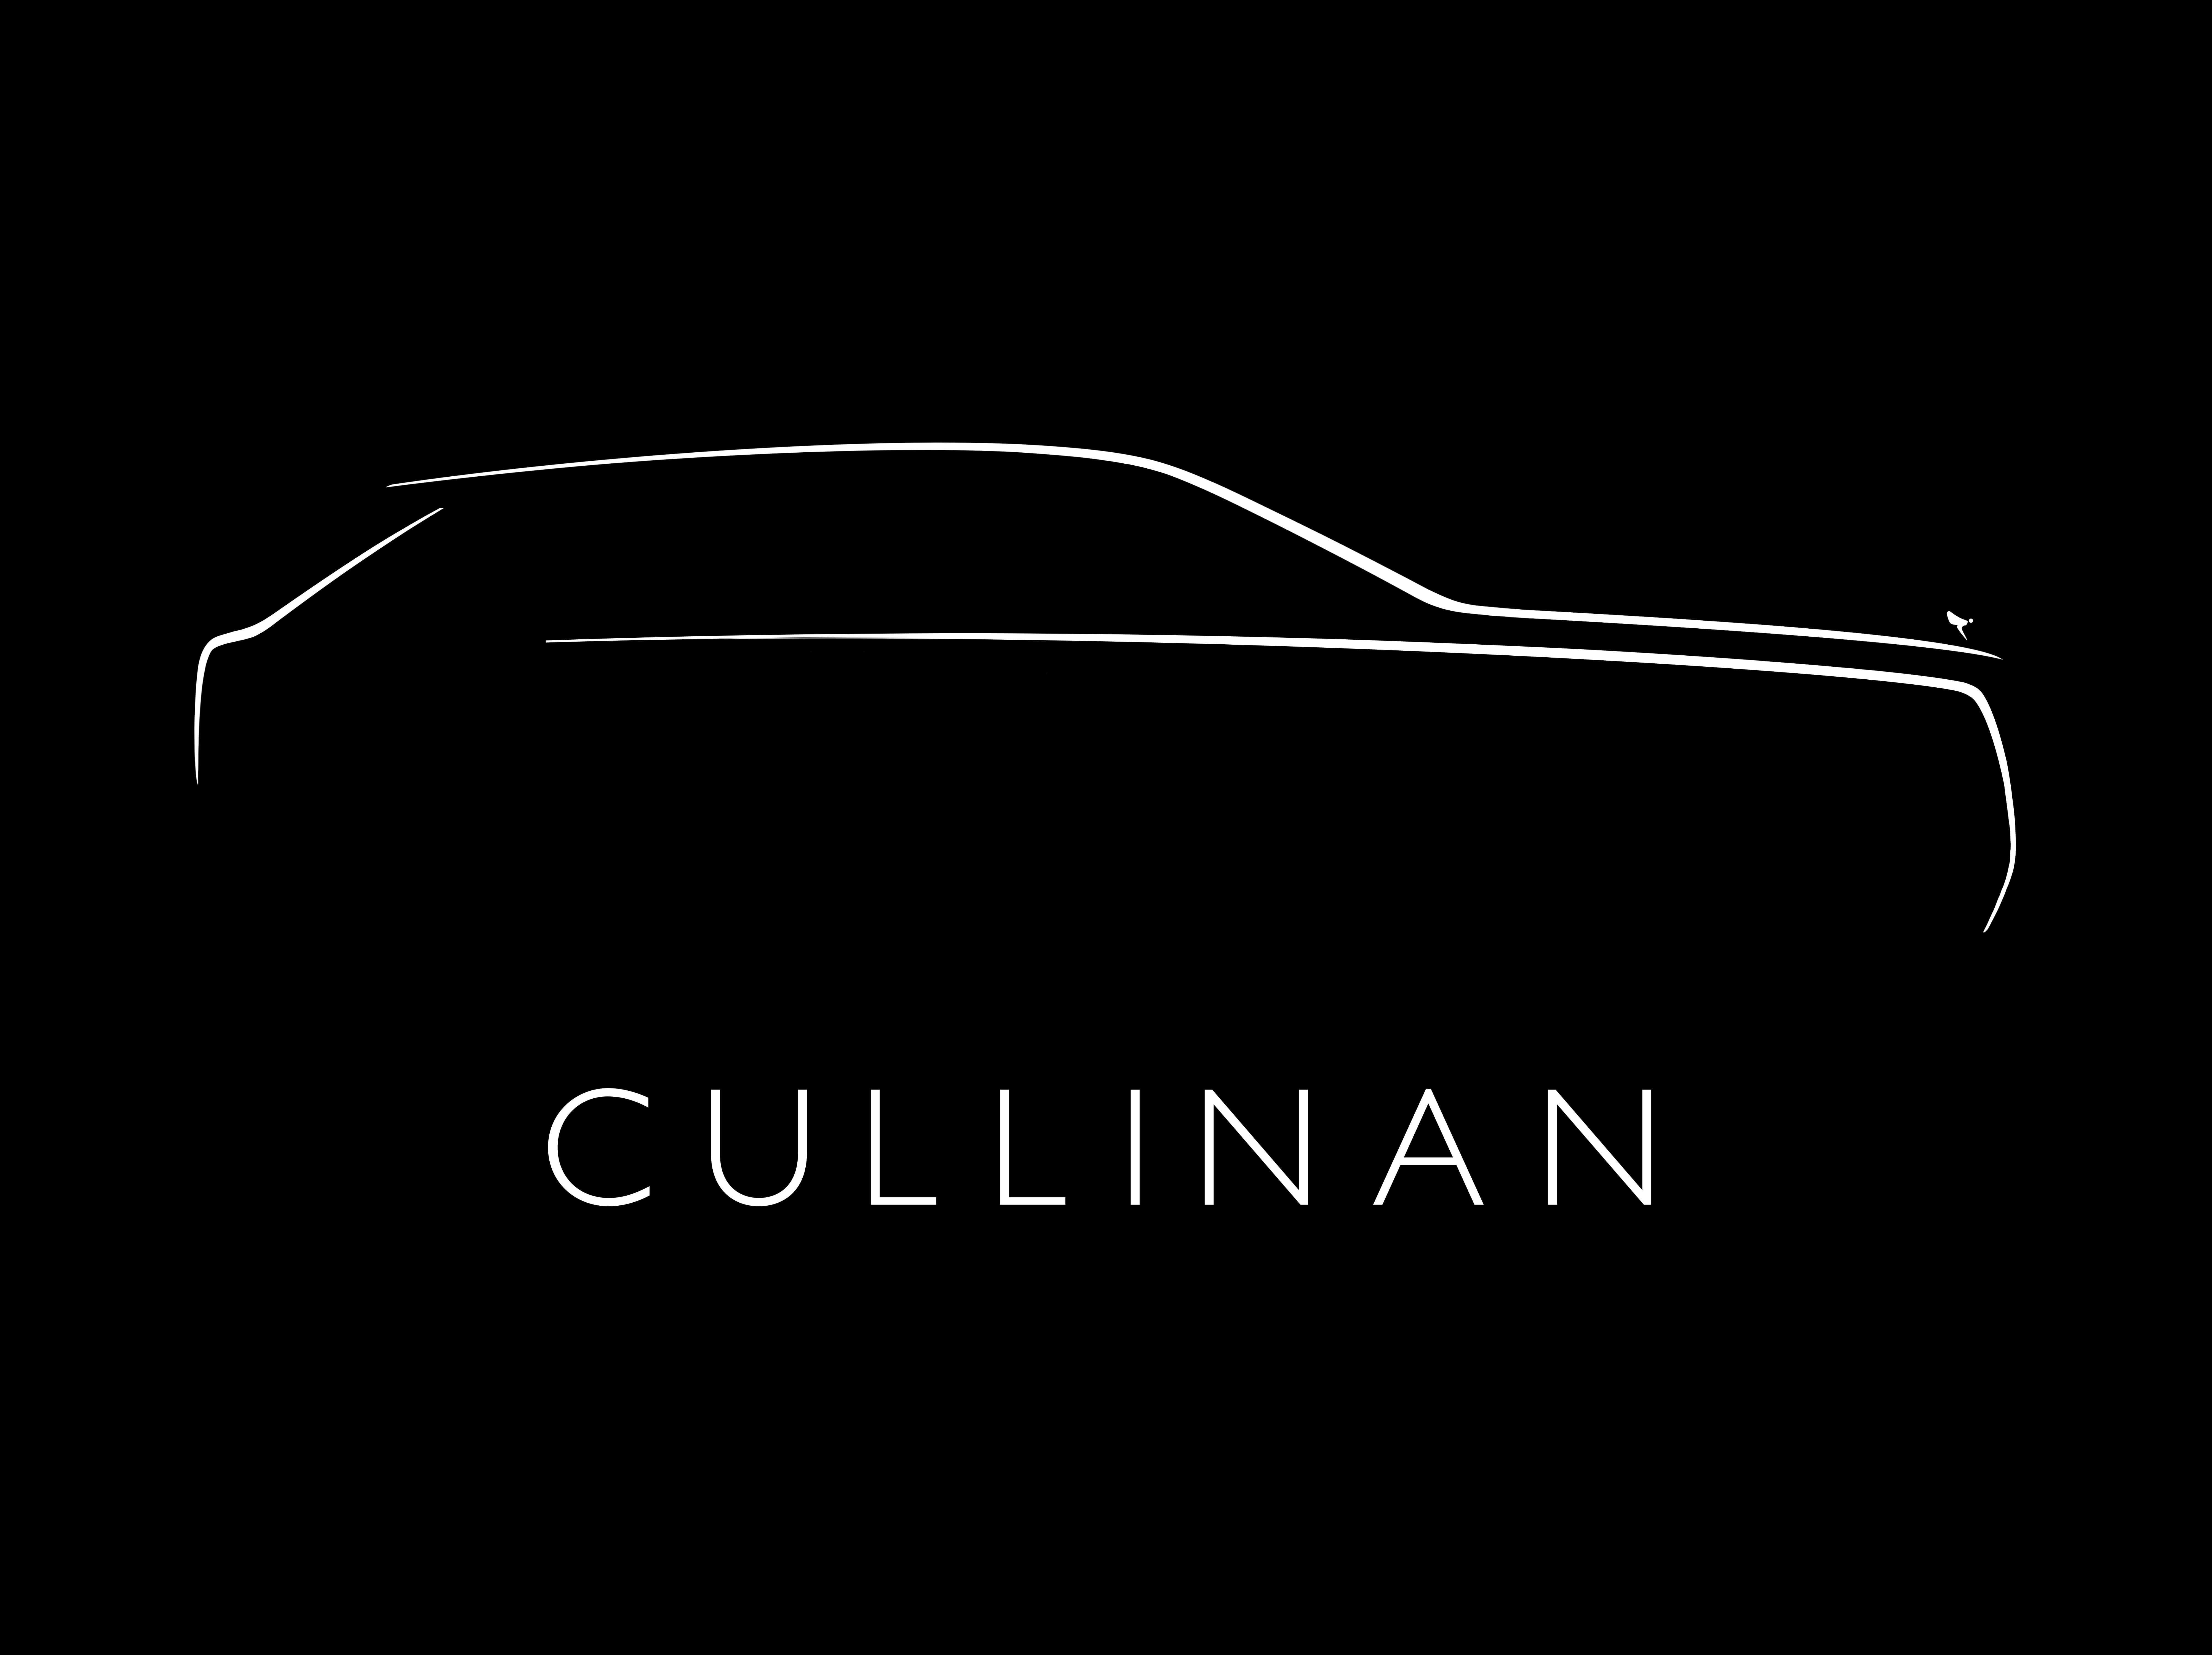 Cullinan Rolls Royce